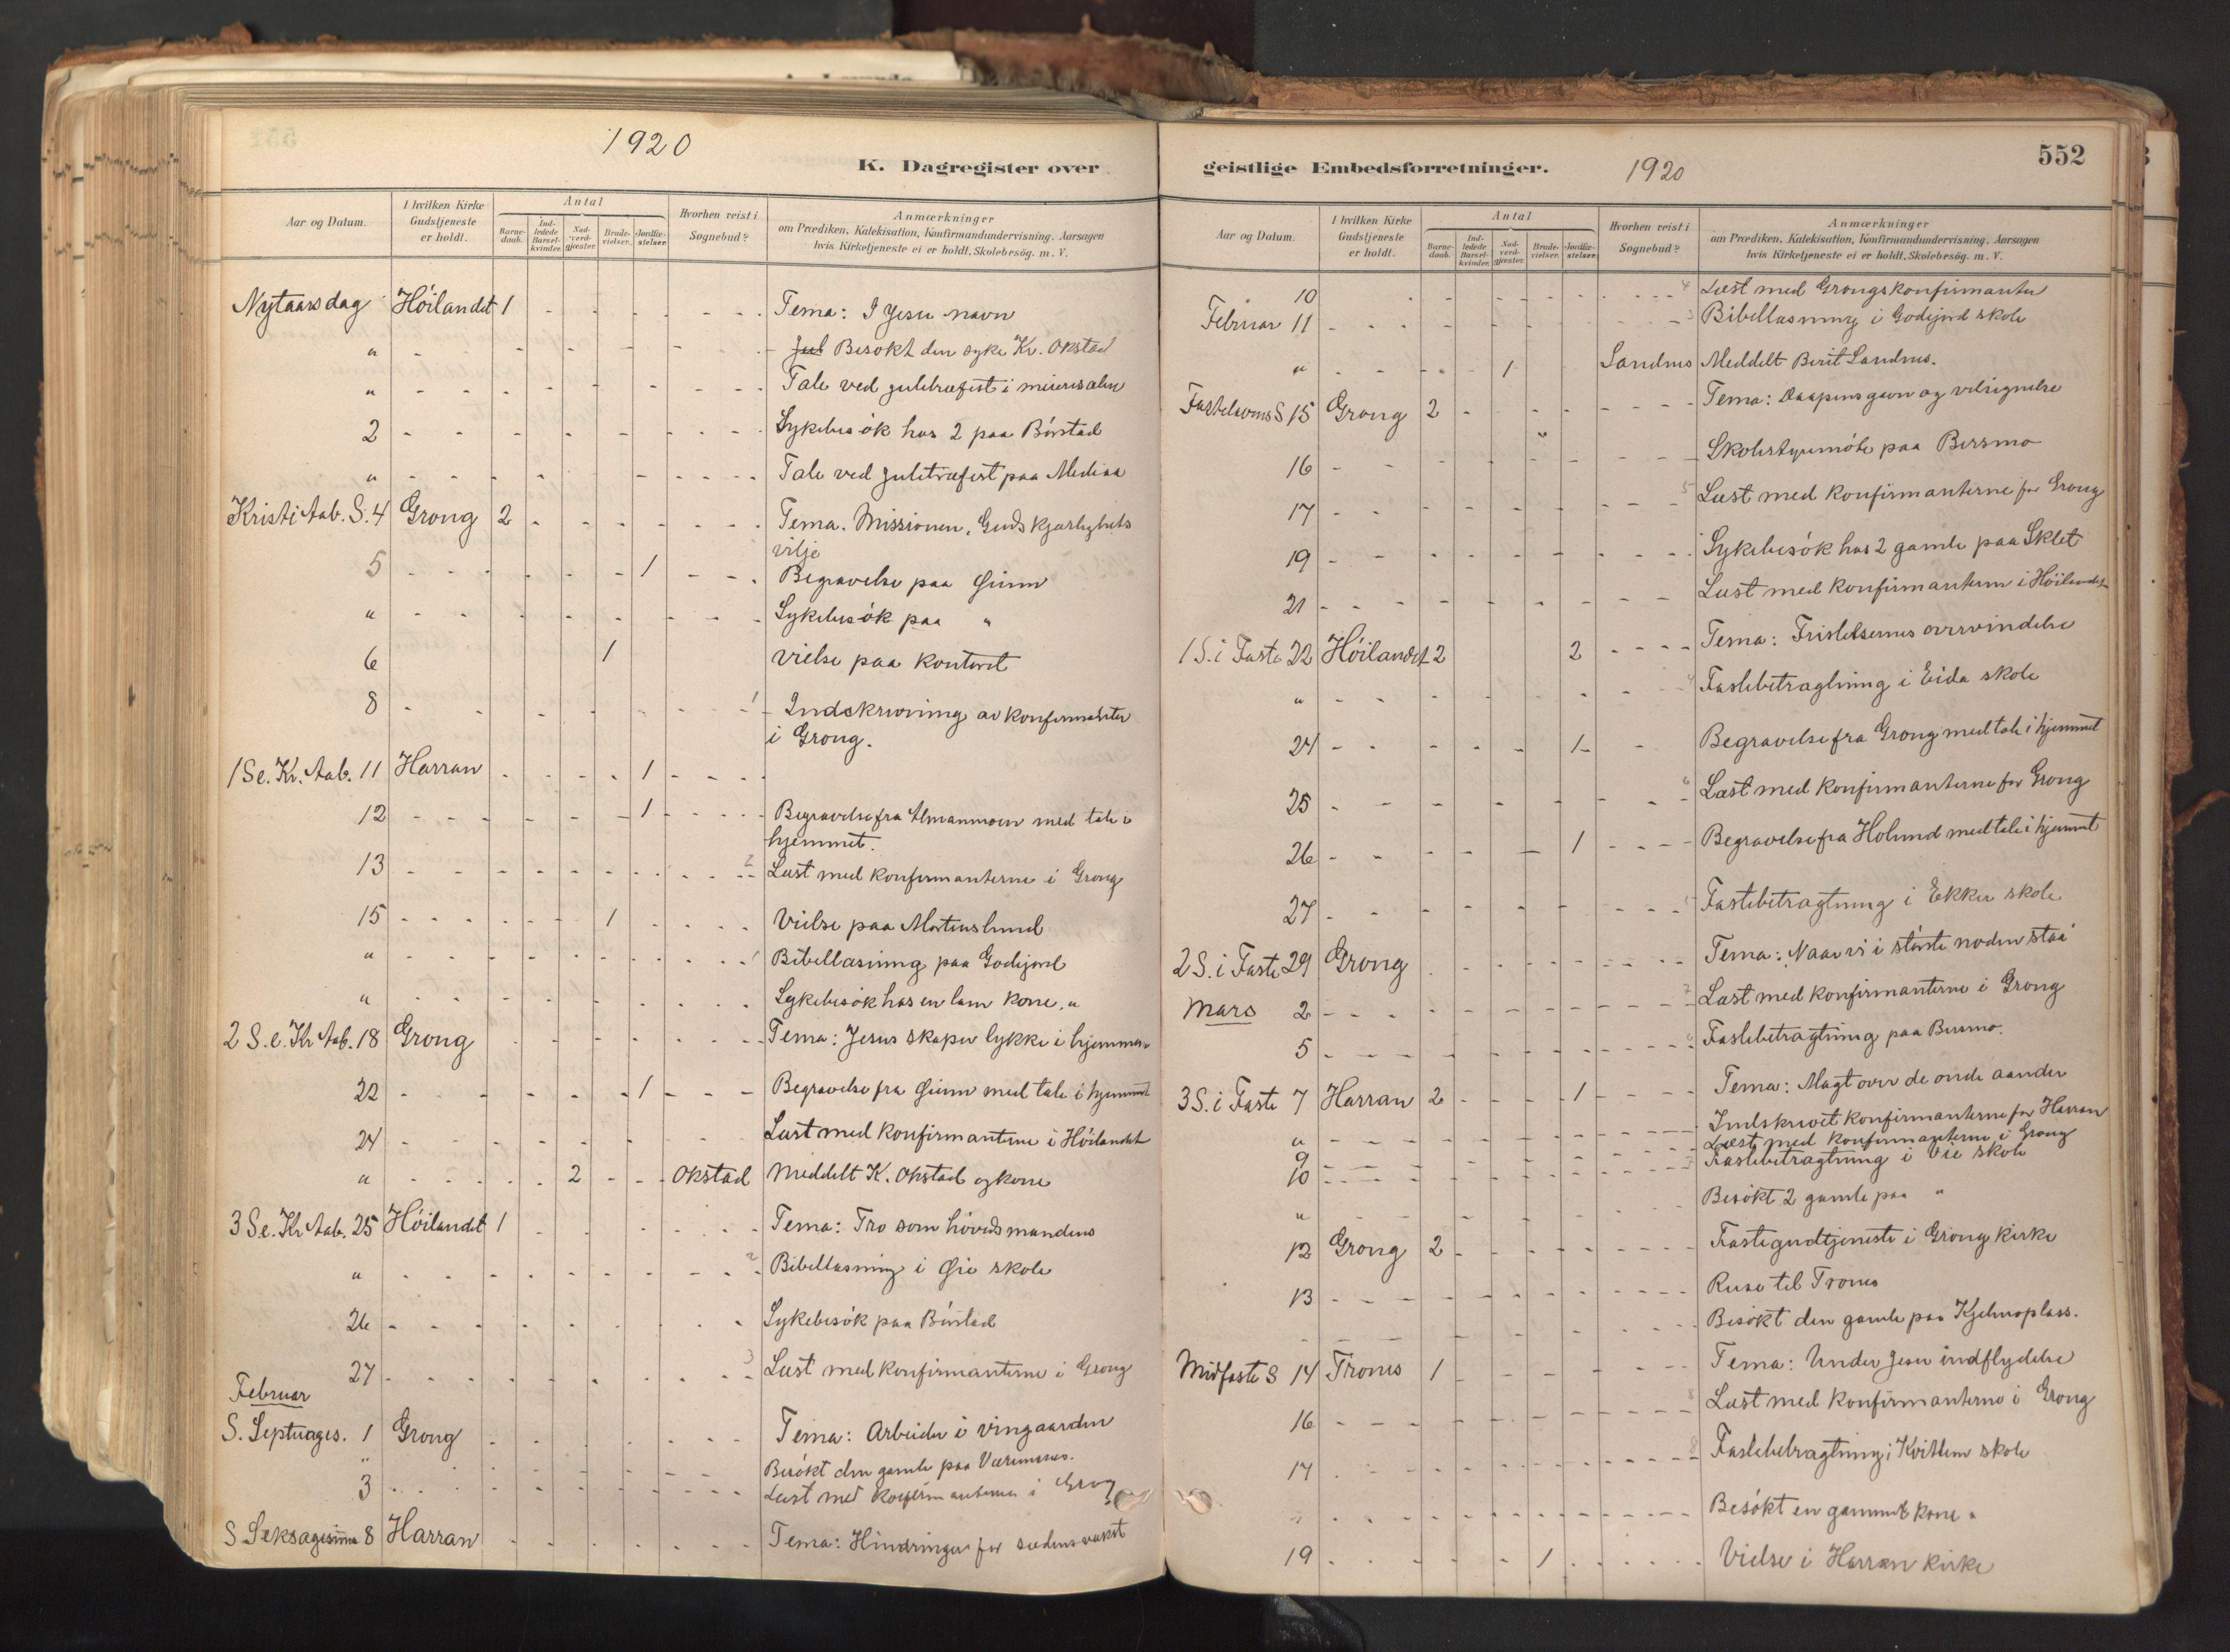 SAT, Ministerialprotokoller, klokkerbøker og fødselsregistre - Nord-Trøndelag, 758/L0519: Ministerialbok nr. 758A04, 1880-1926, s. 552